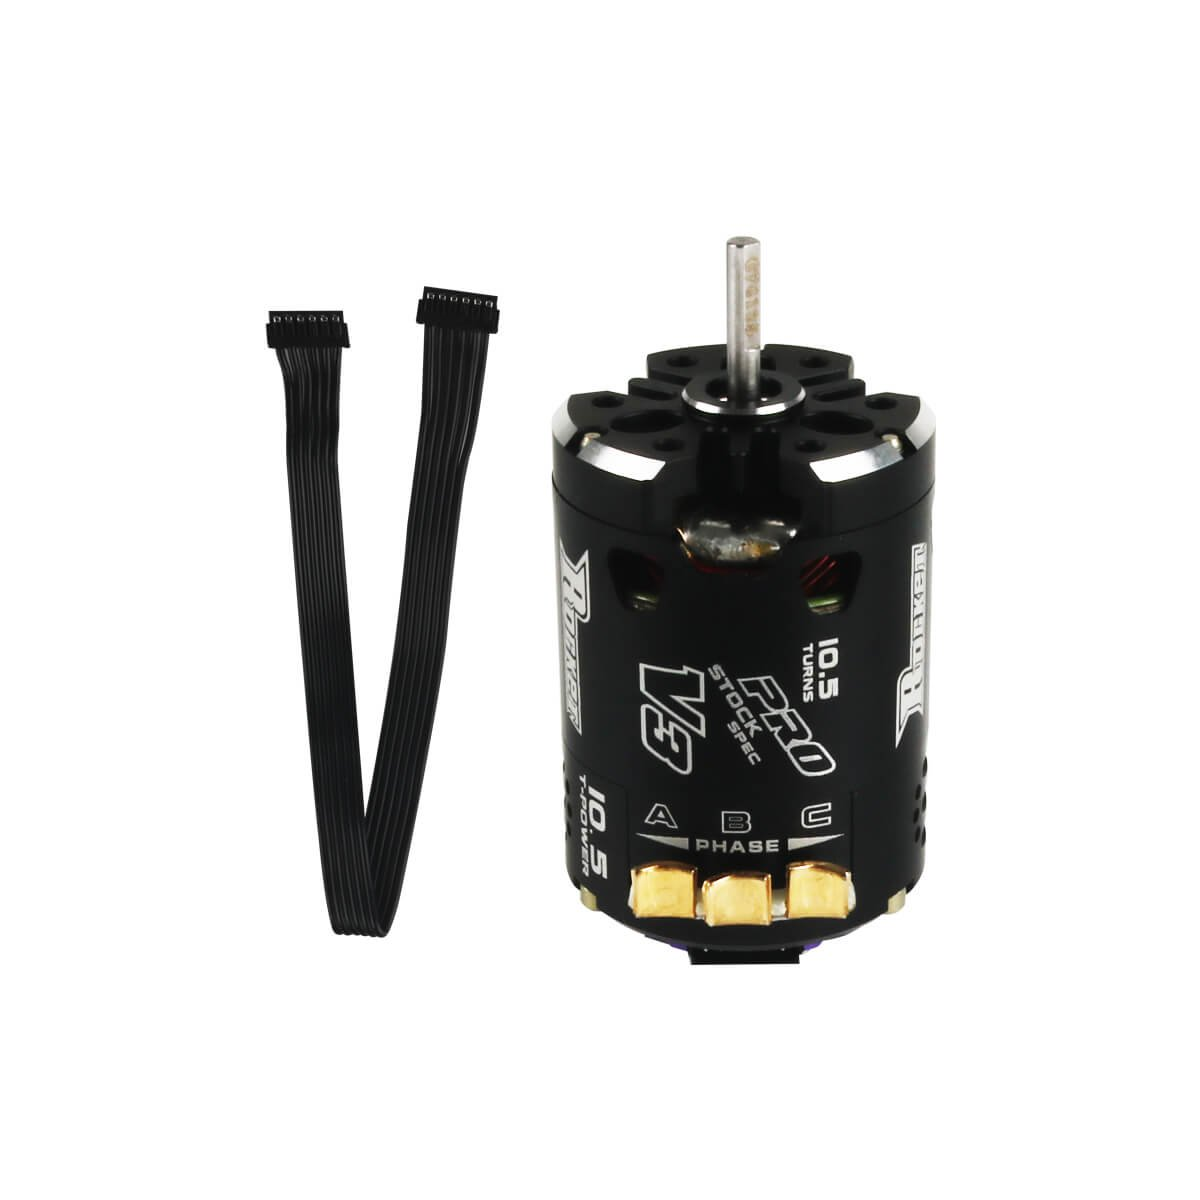 RCRunning 540 10.5T 3800KV 3.175mm Shaft Sensored Brushless